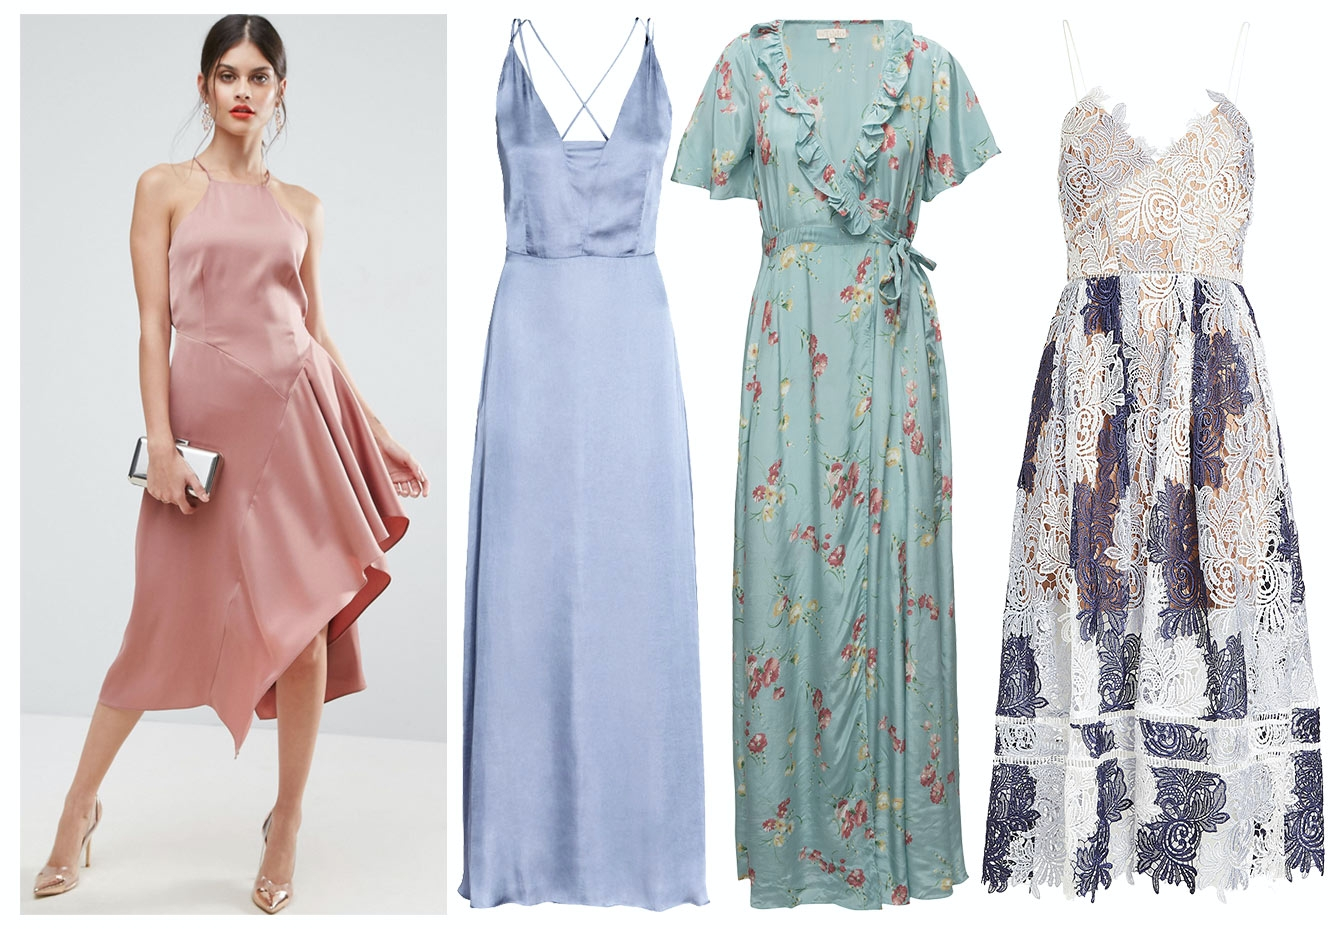 kjoler 2017 sommer